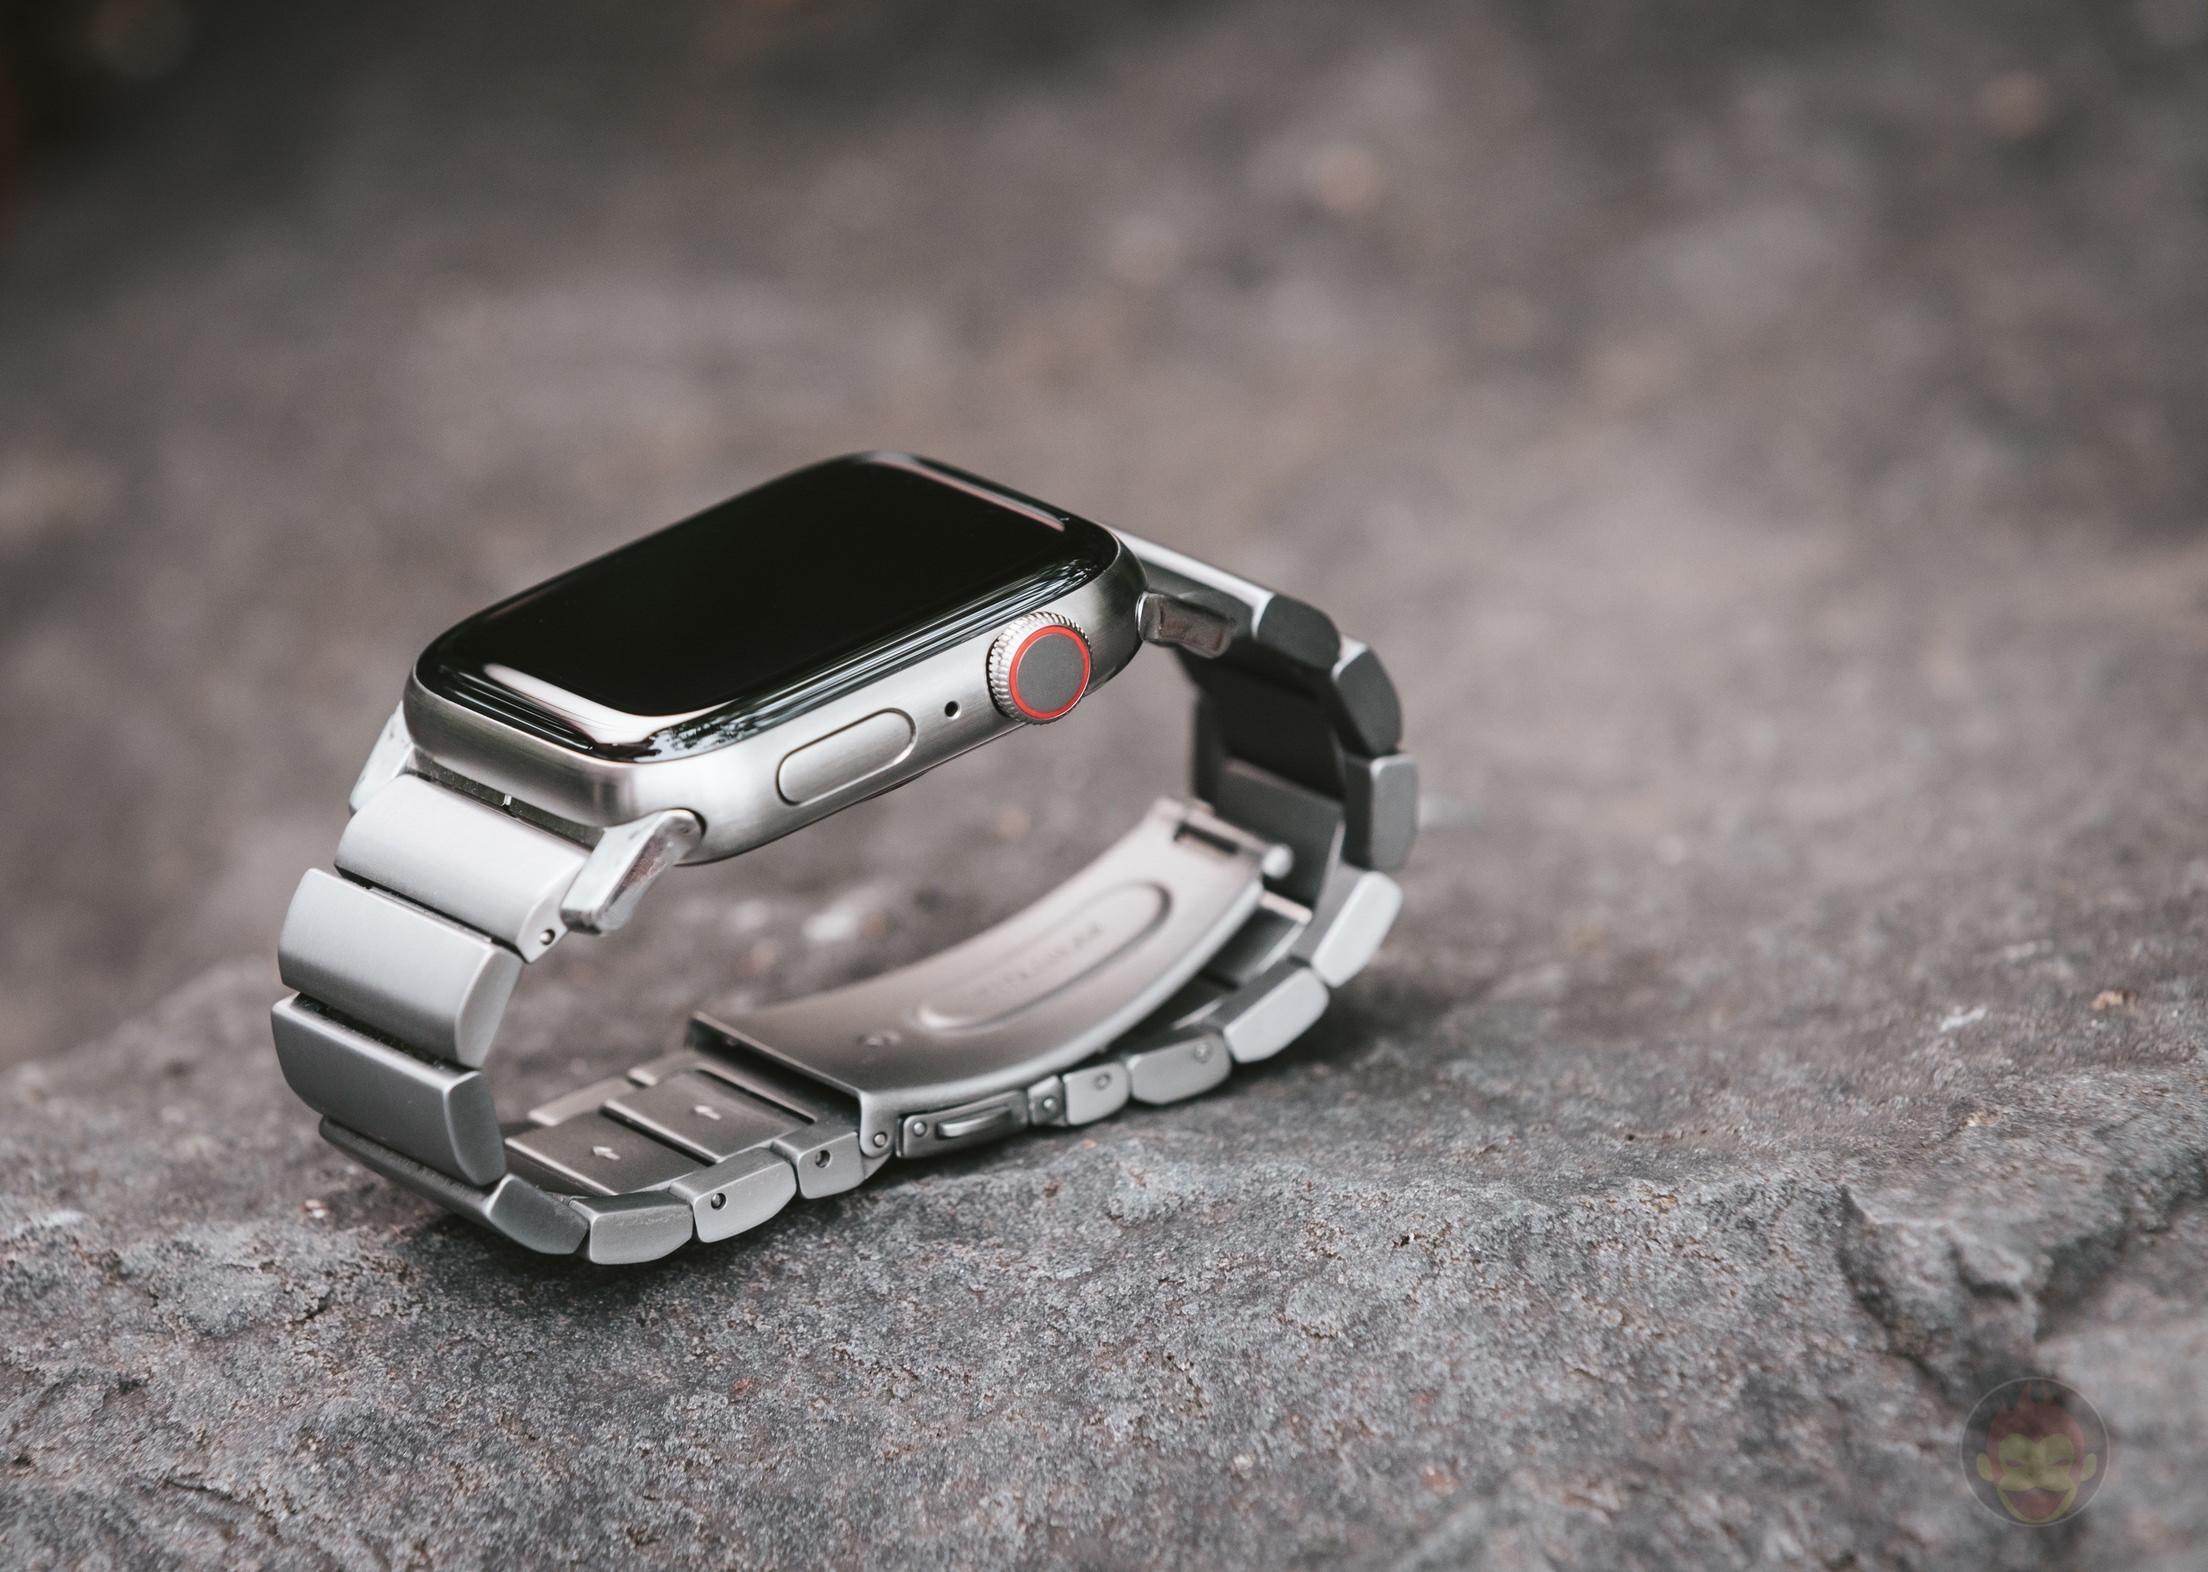 Apple-Watch-Series-5-Review-05.jpg